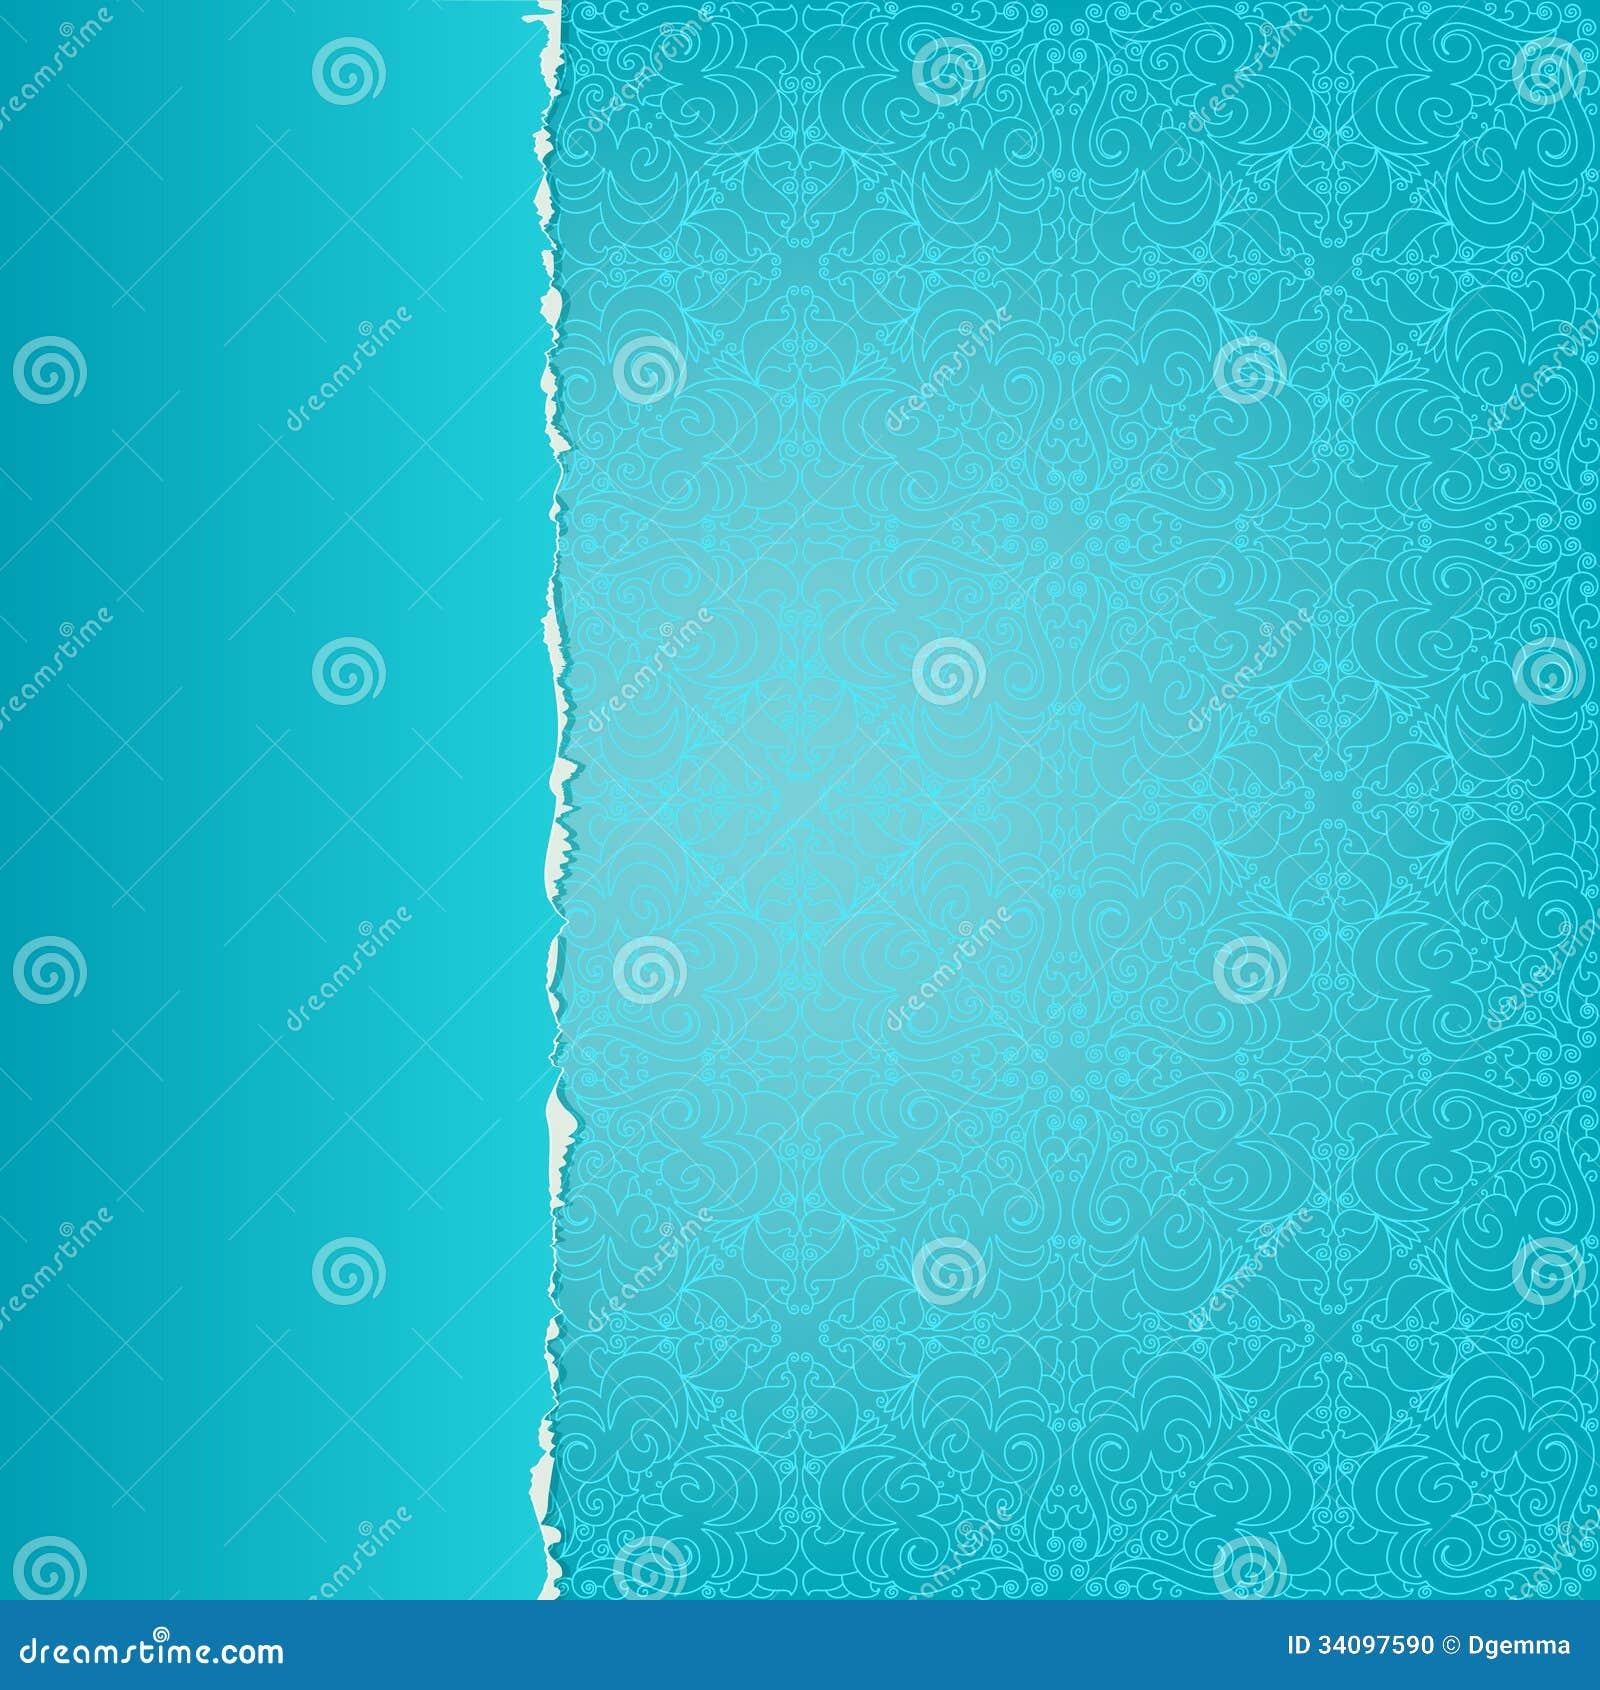 Blaues Papier Mit Einem Muster Vektor Abbildung ...